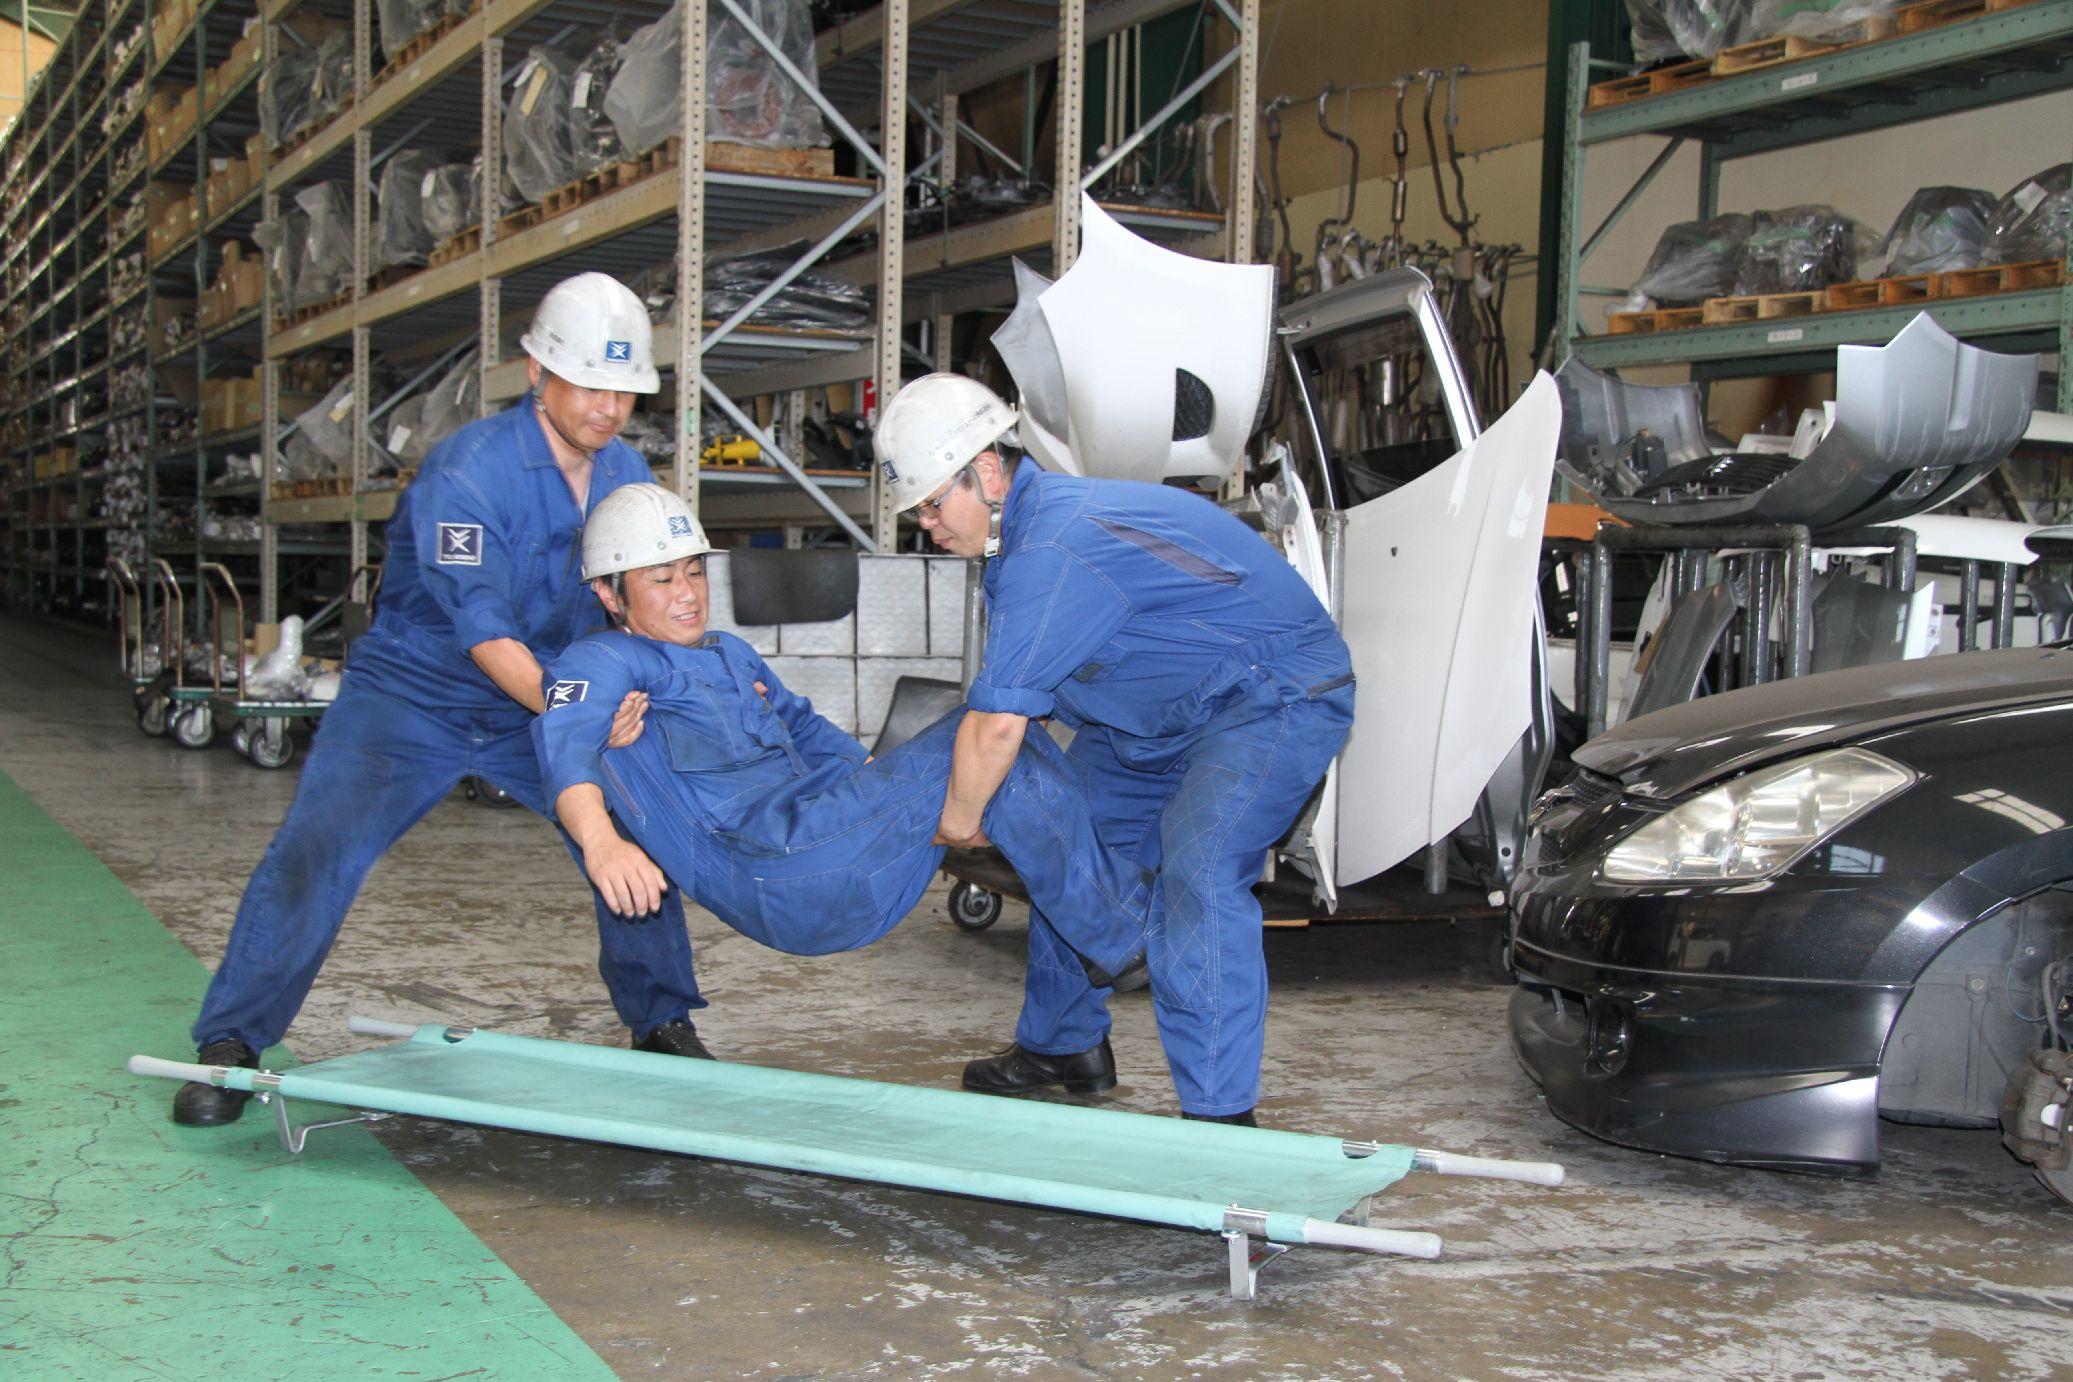 要救助者を担架へ乗せ搬送